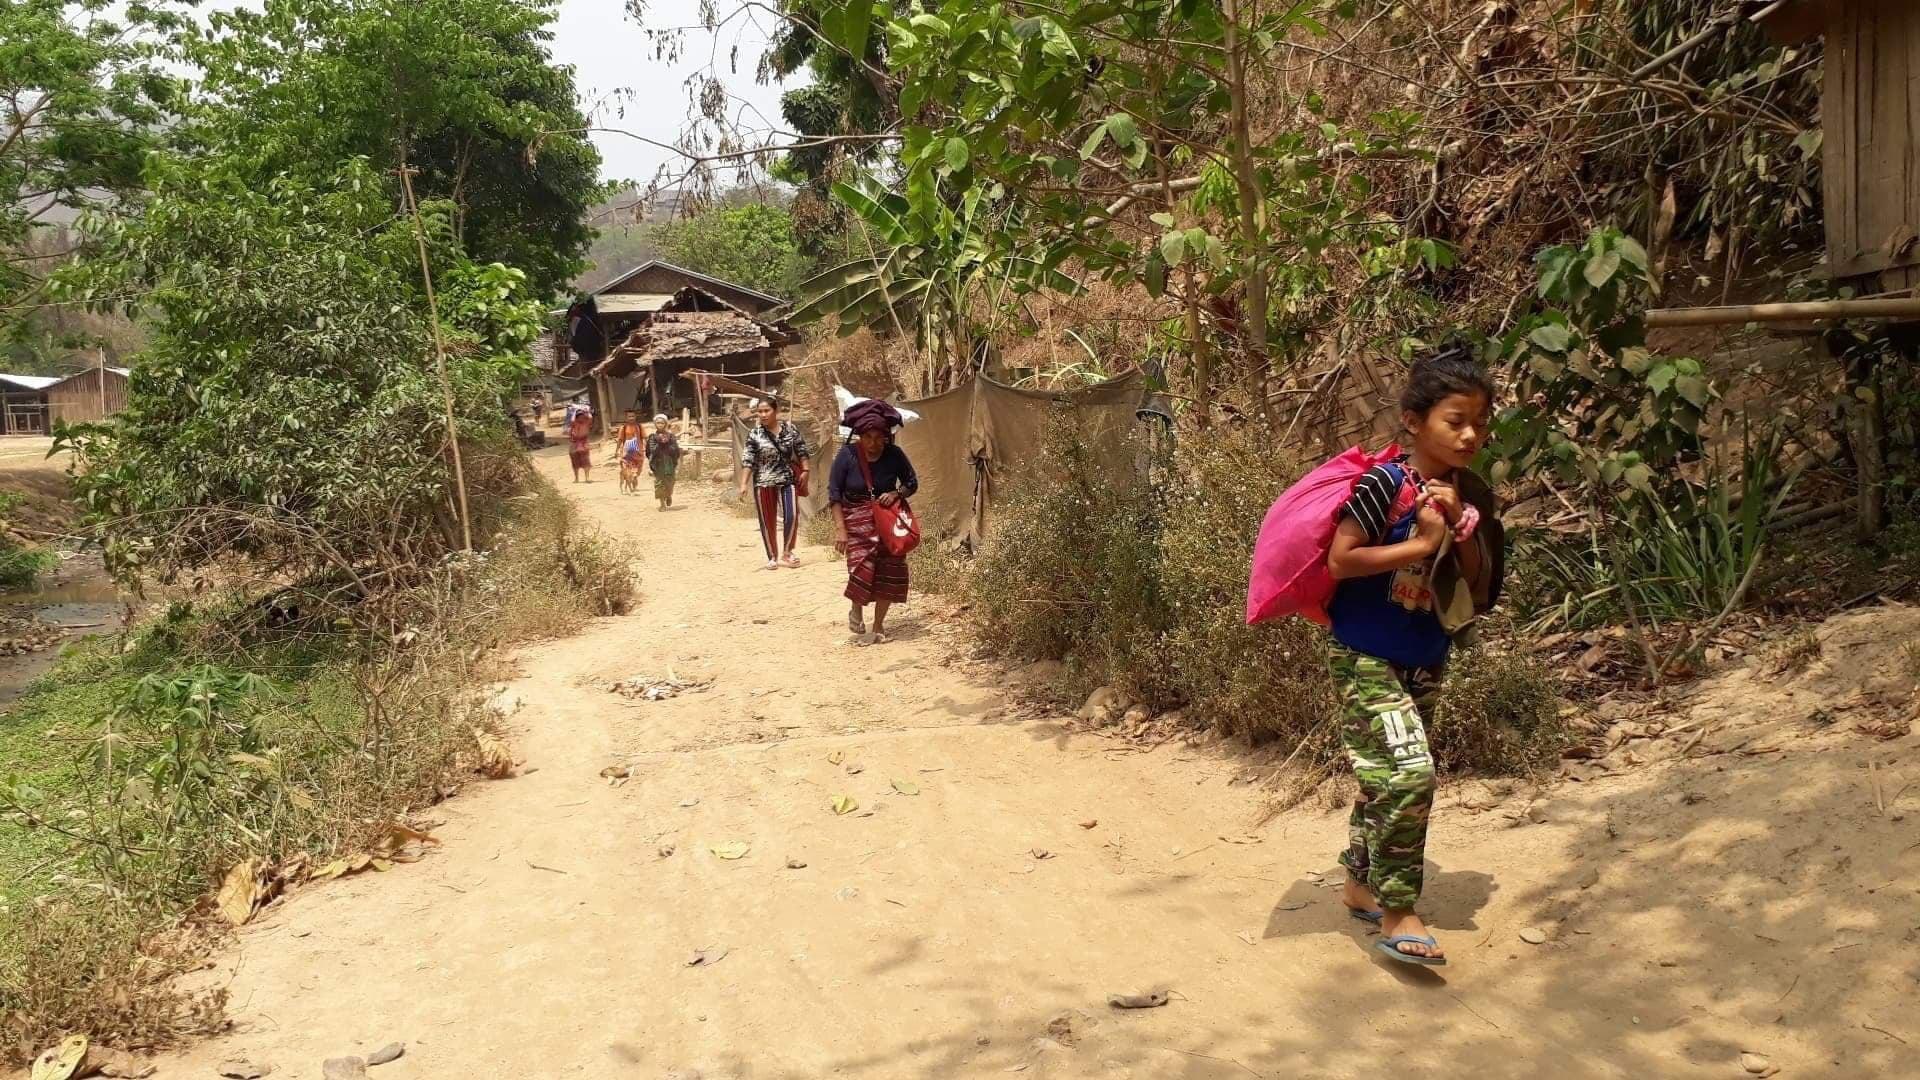 नागरिकमाथि हवाई हमला पनि गर्न थाल्यो म्यानमारको सेना, शरणार्थी बन्न तीन हजार पुगे थाइल्याण्ड